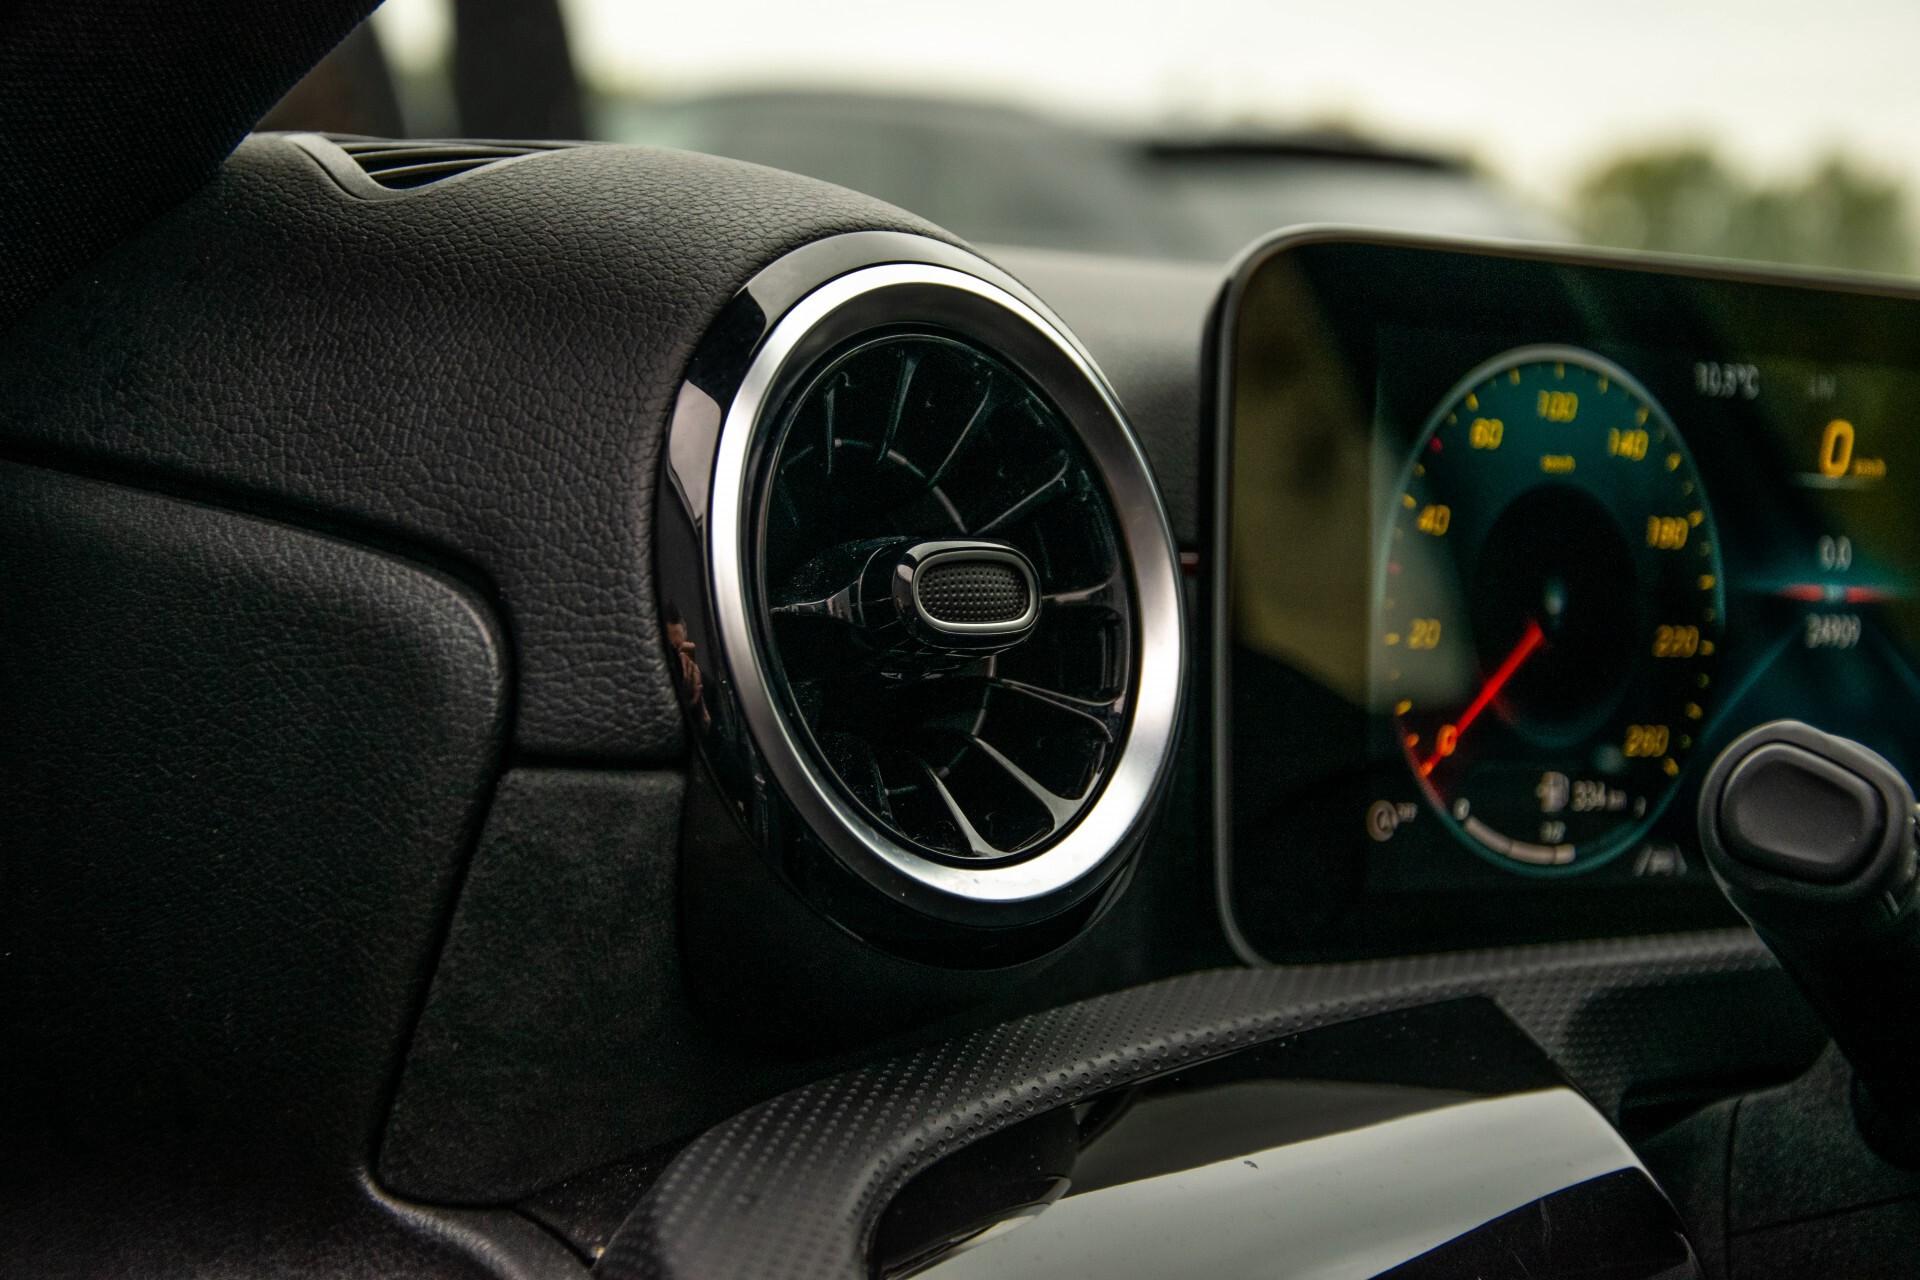 Mercedes-Benz A-Klasse 180 d AMG Panorama/MBUX/DAB/LED Aut7 Foto 34